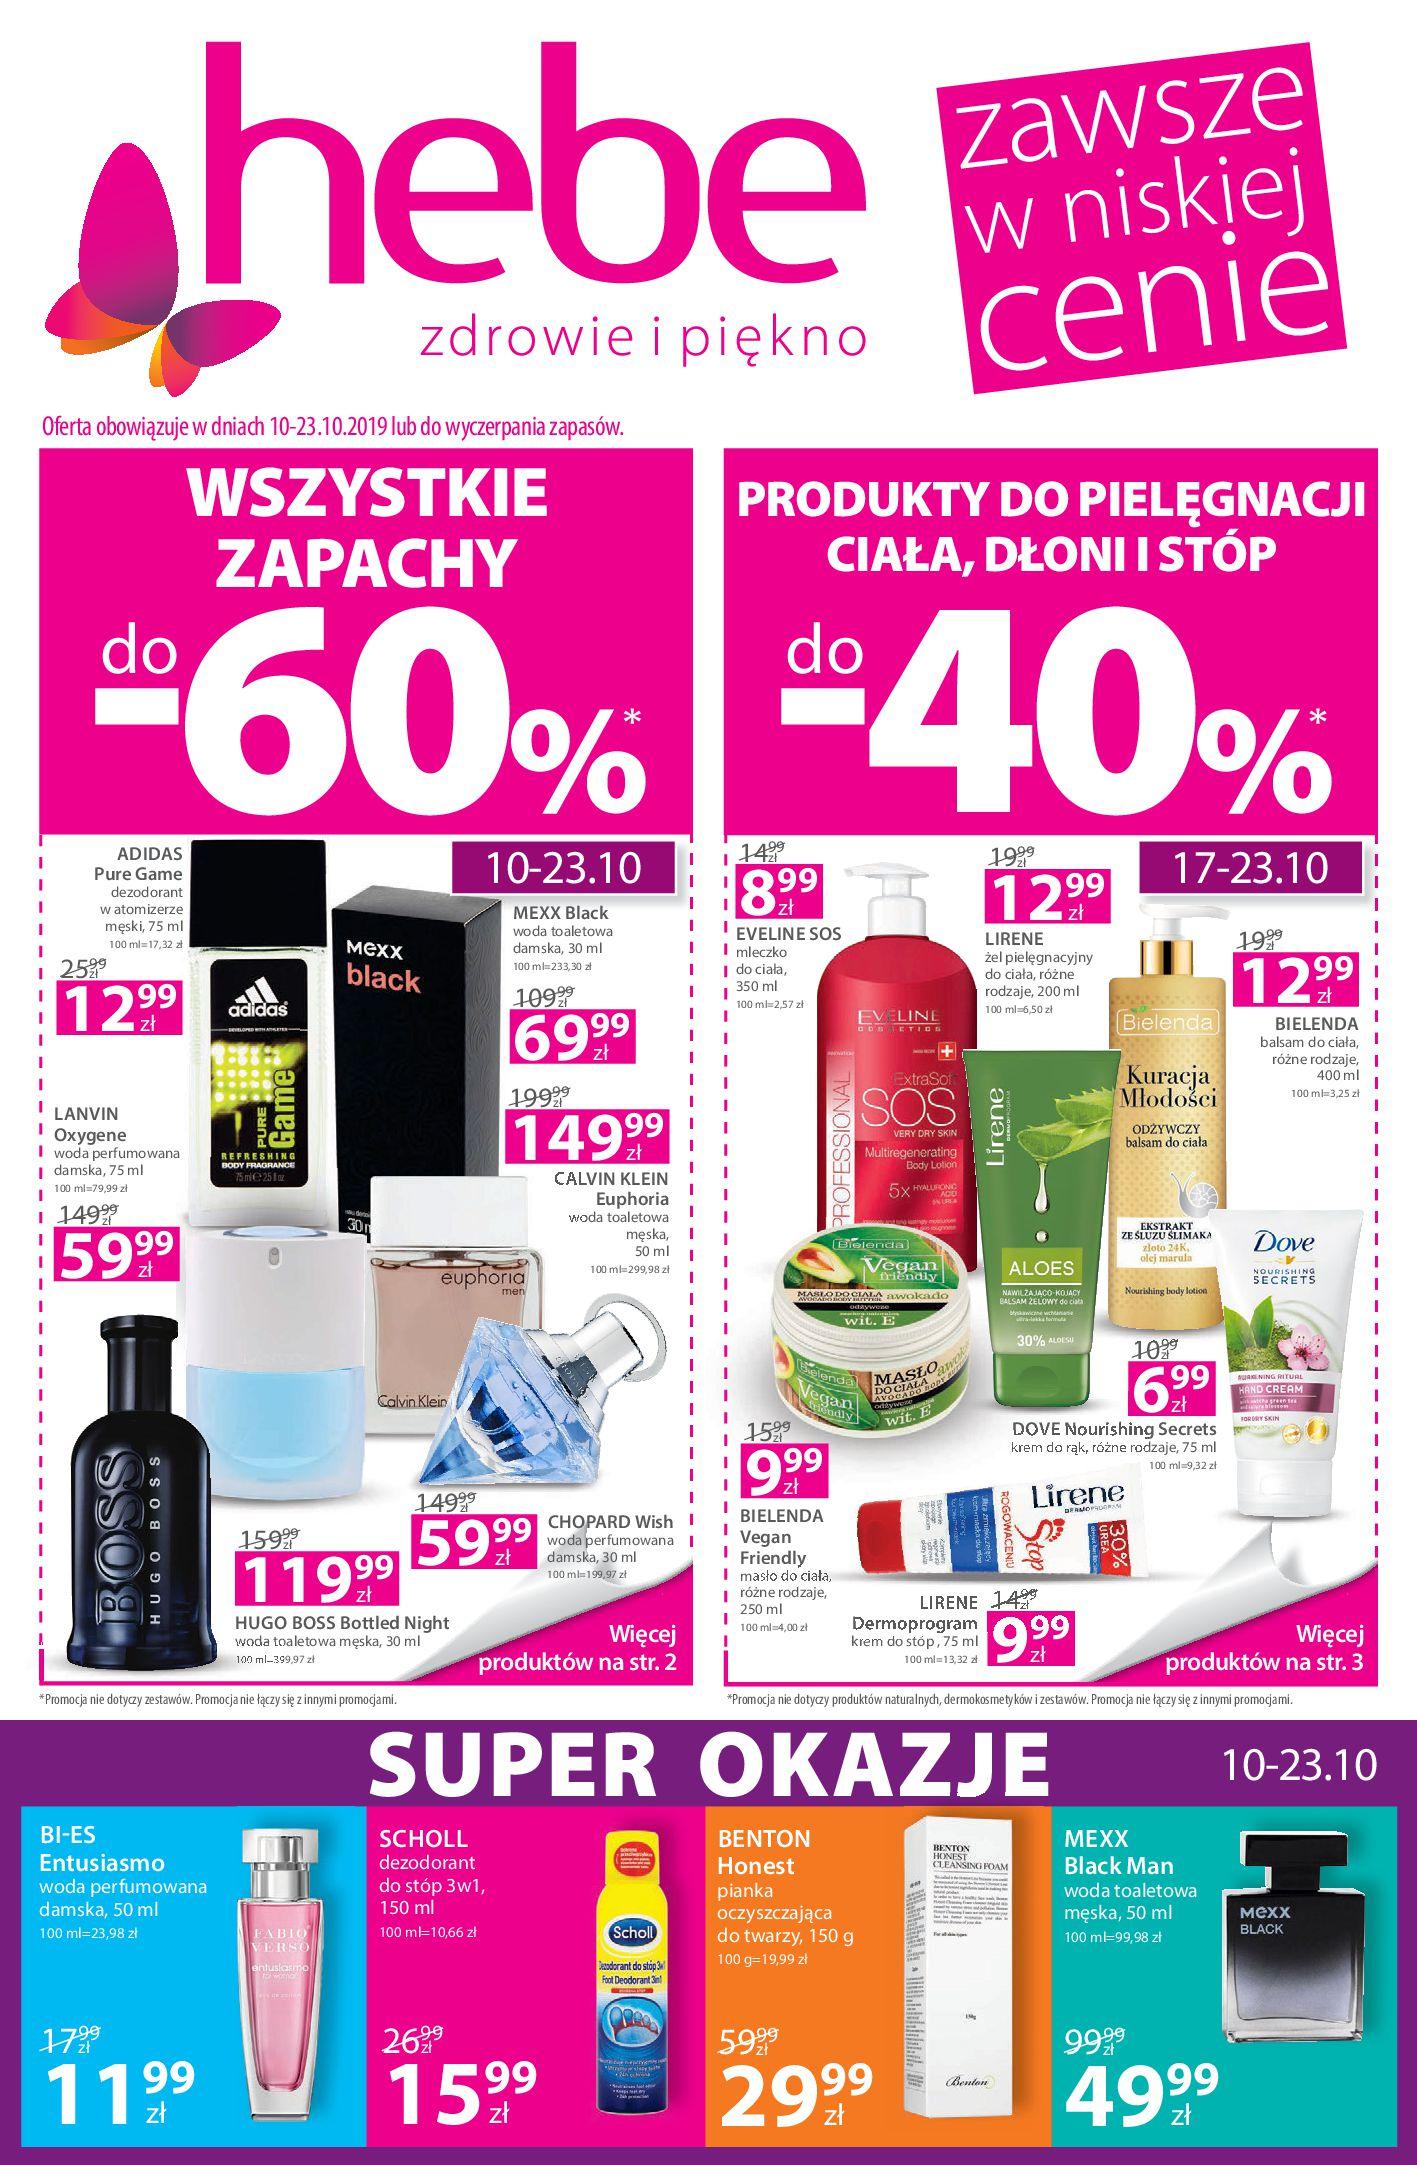 Gazetka hebe - Oferta promocyjna-09.10.2019-23.10.2019-page-